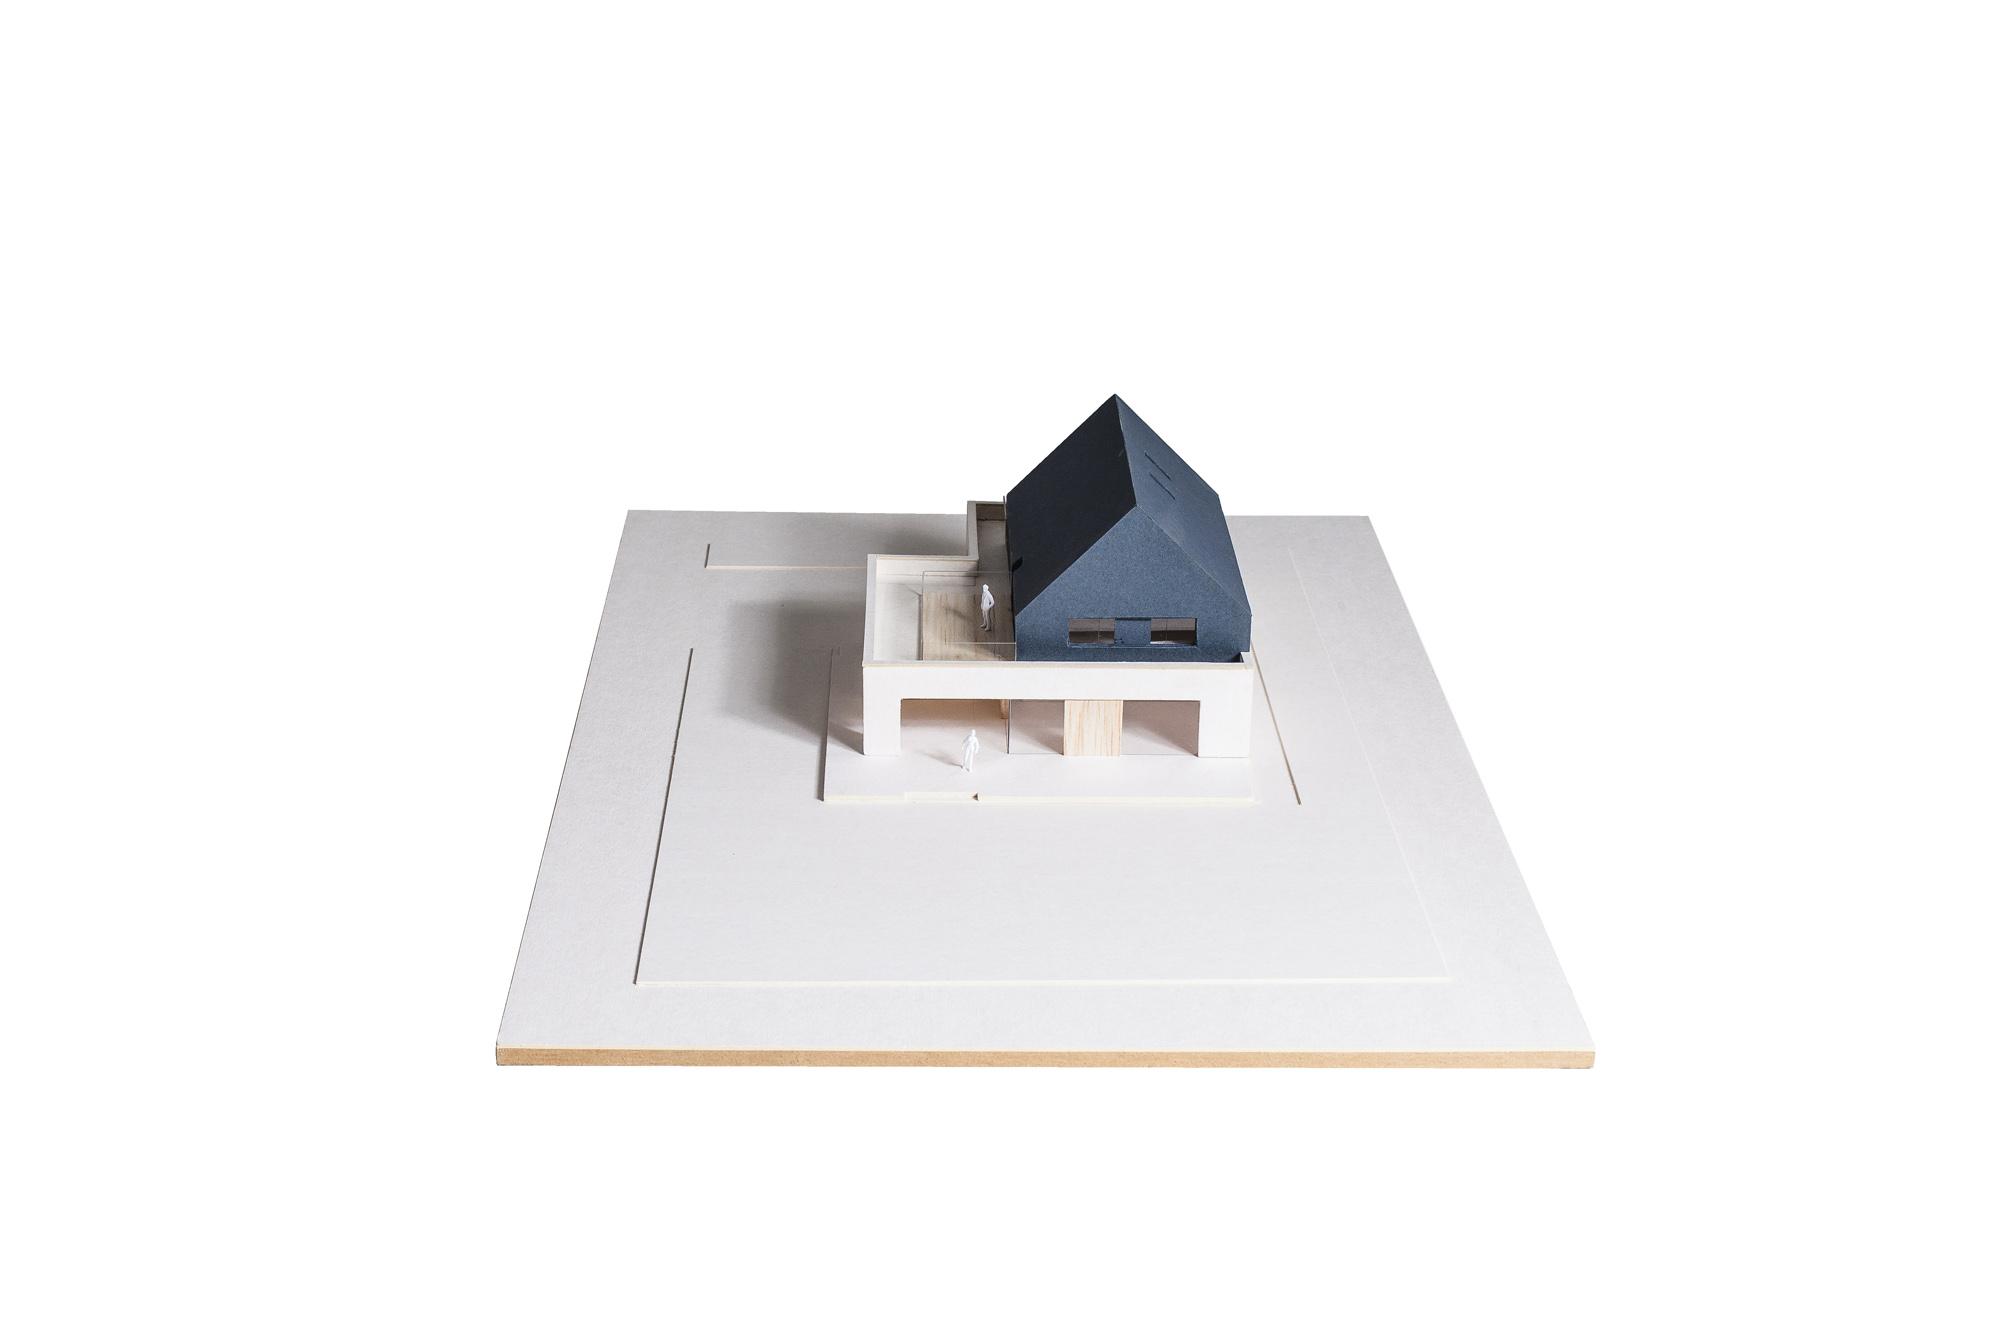 MLC-ZLO-dom-model-04w copy